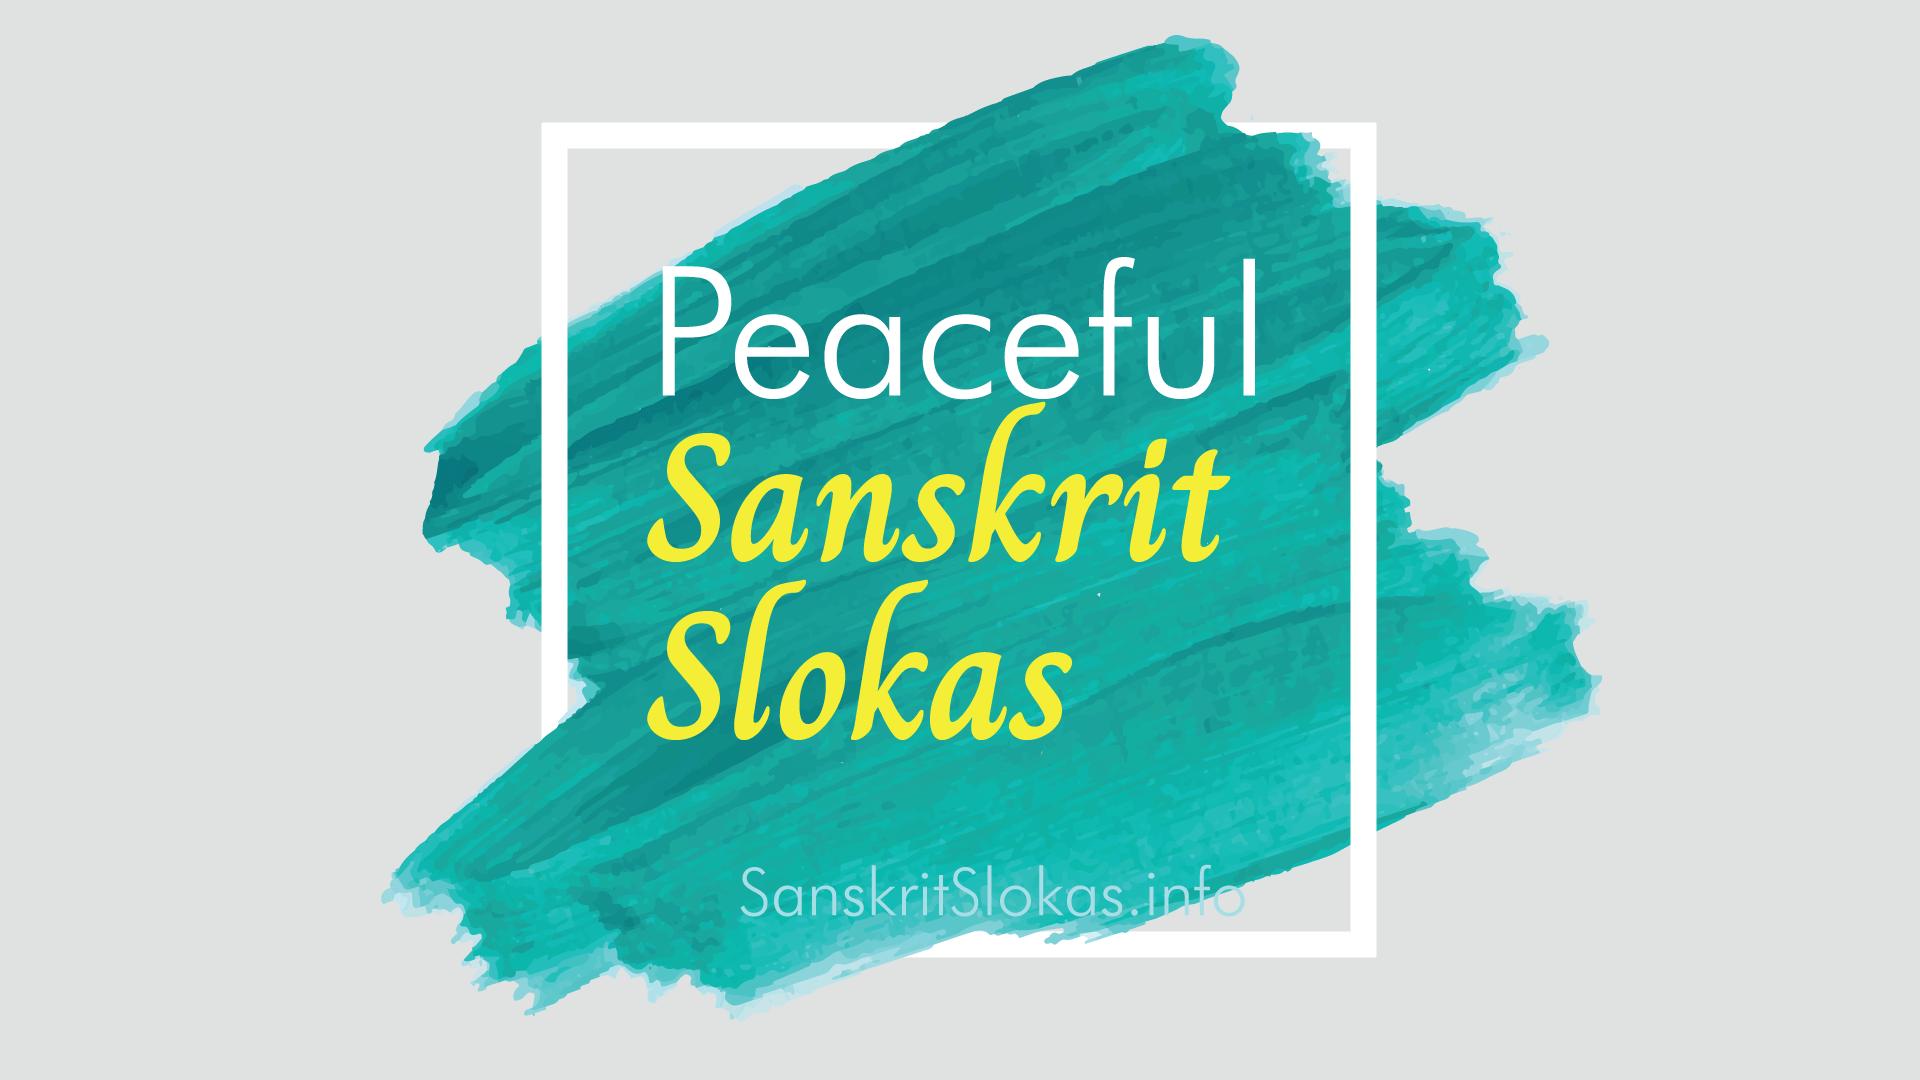 peaceful sanskrit shlokas